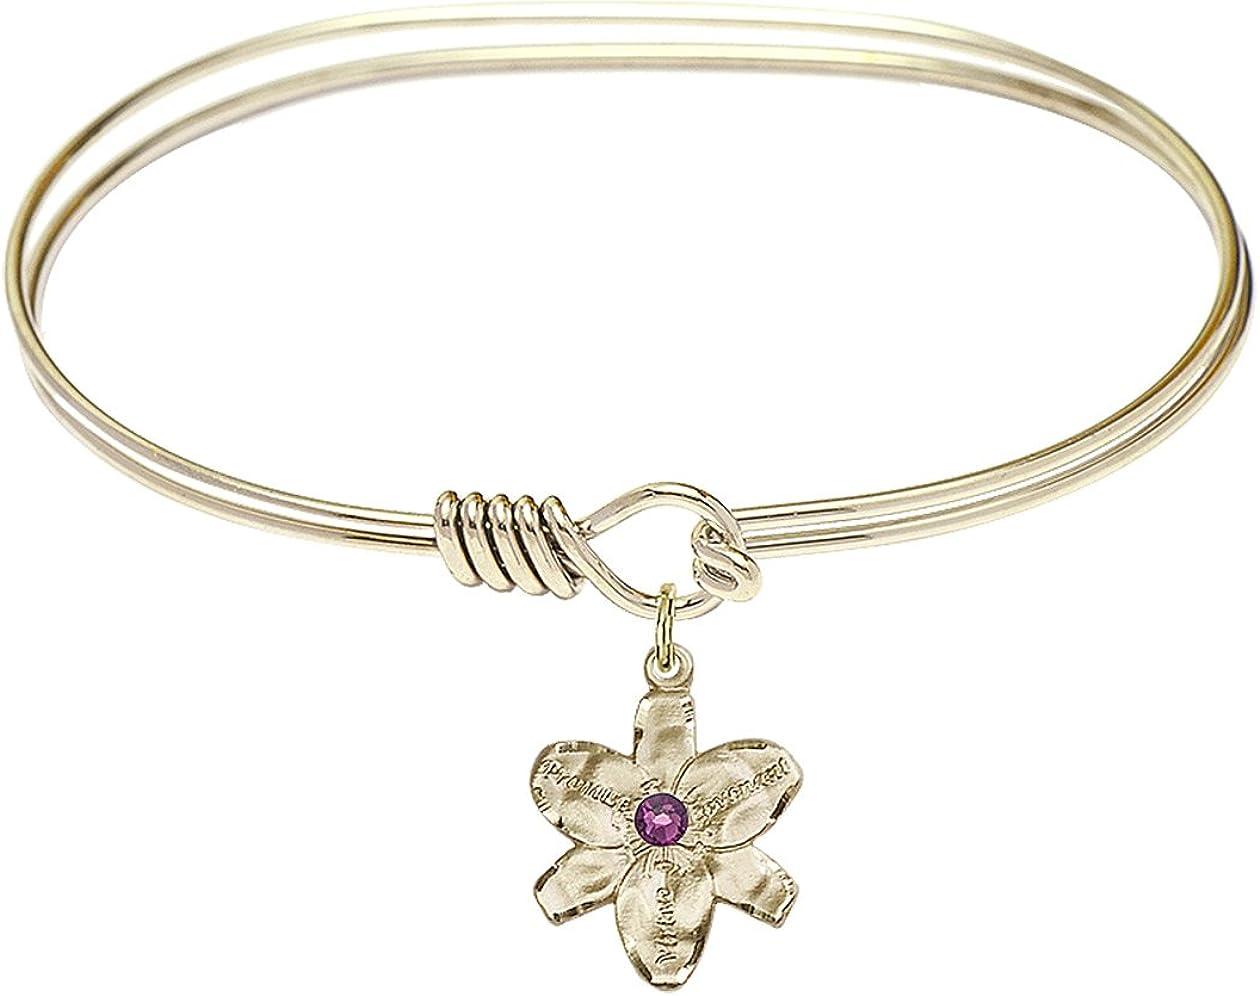 DiamondJewelryNY Eye Hook Bangle Bracelet a NEW Chastity San Antonio Mall Charm. with